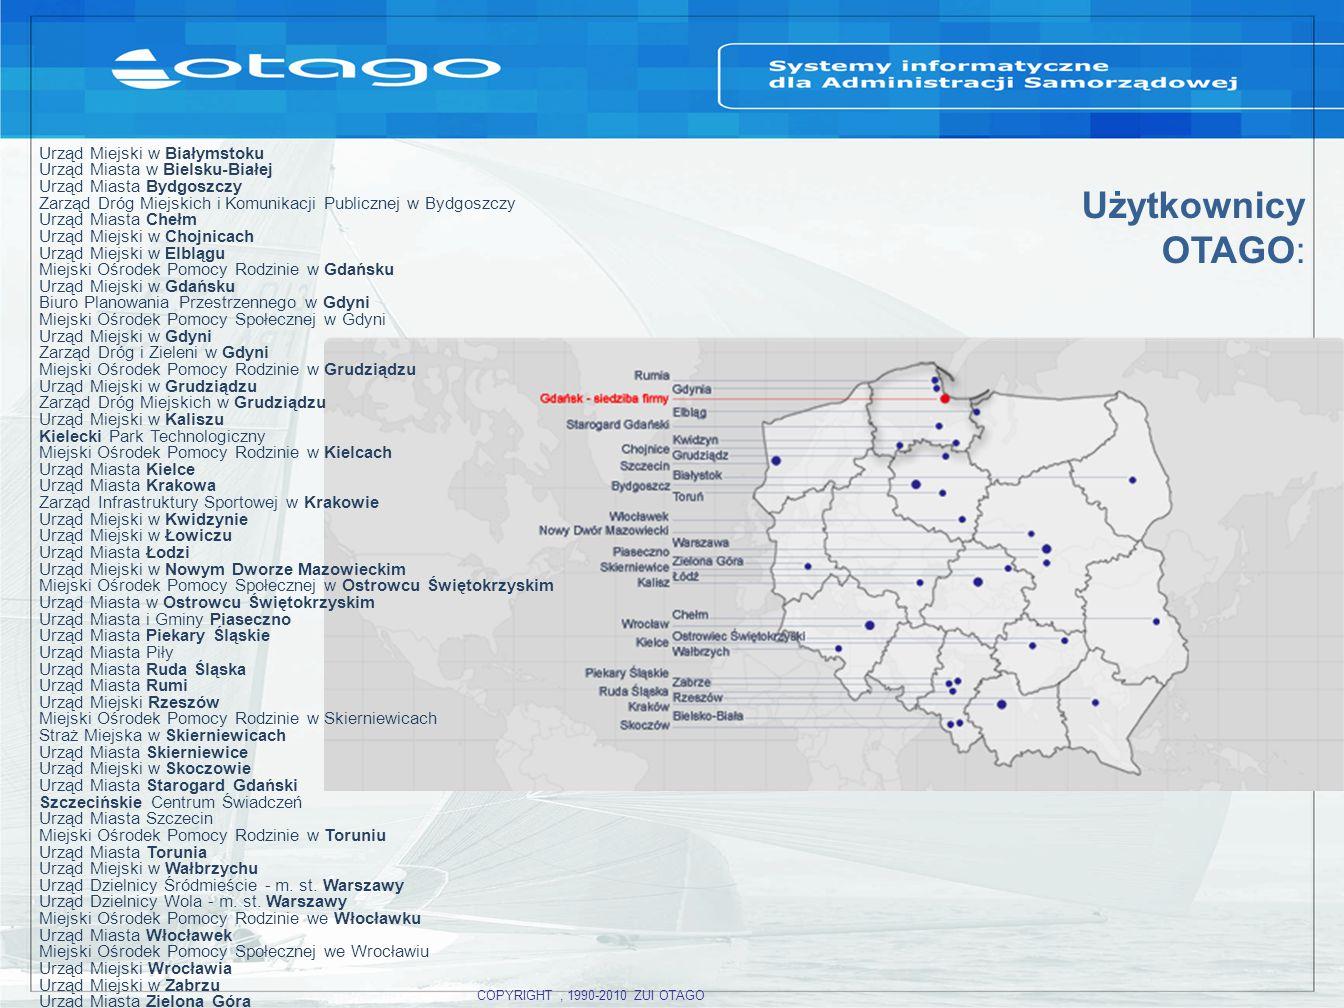 Użytkownicy OTAGO: Urząd Miejski w Białymstoku